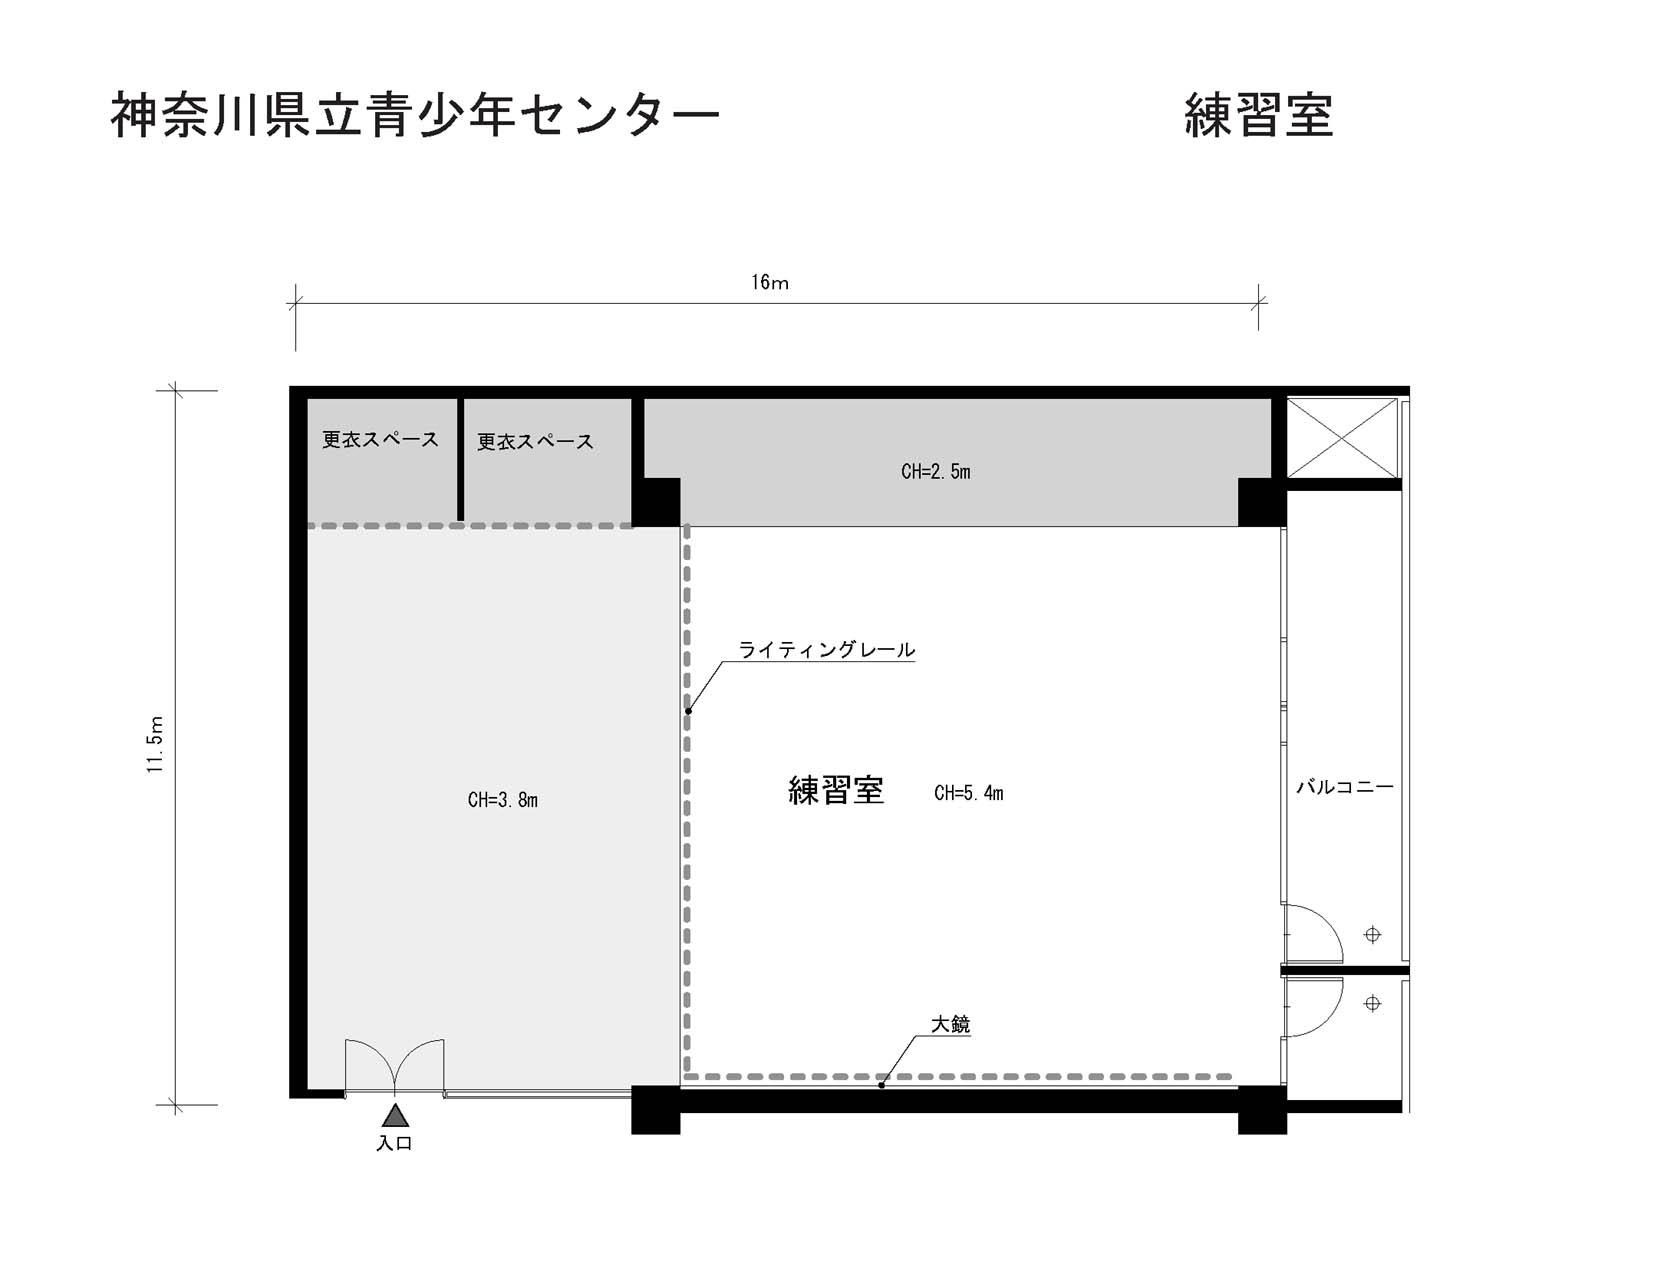 弥生 pdf 印刷 高解像度